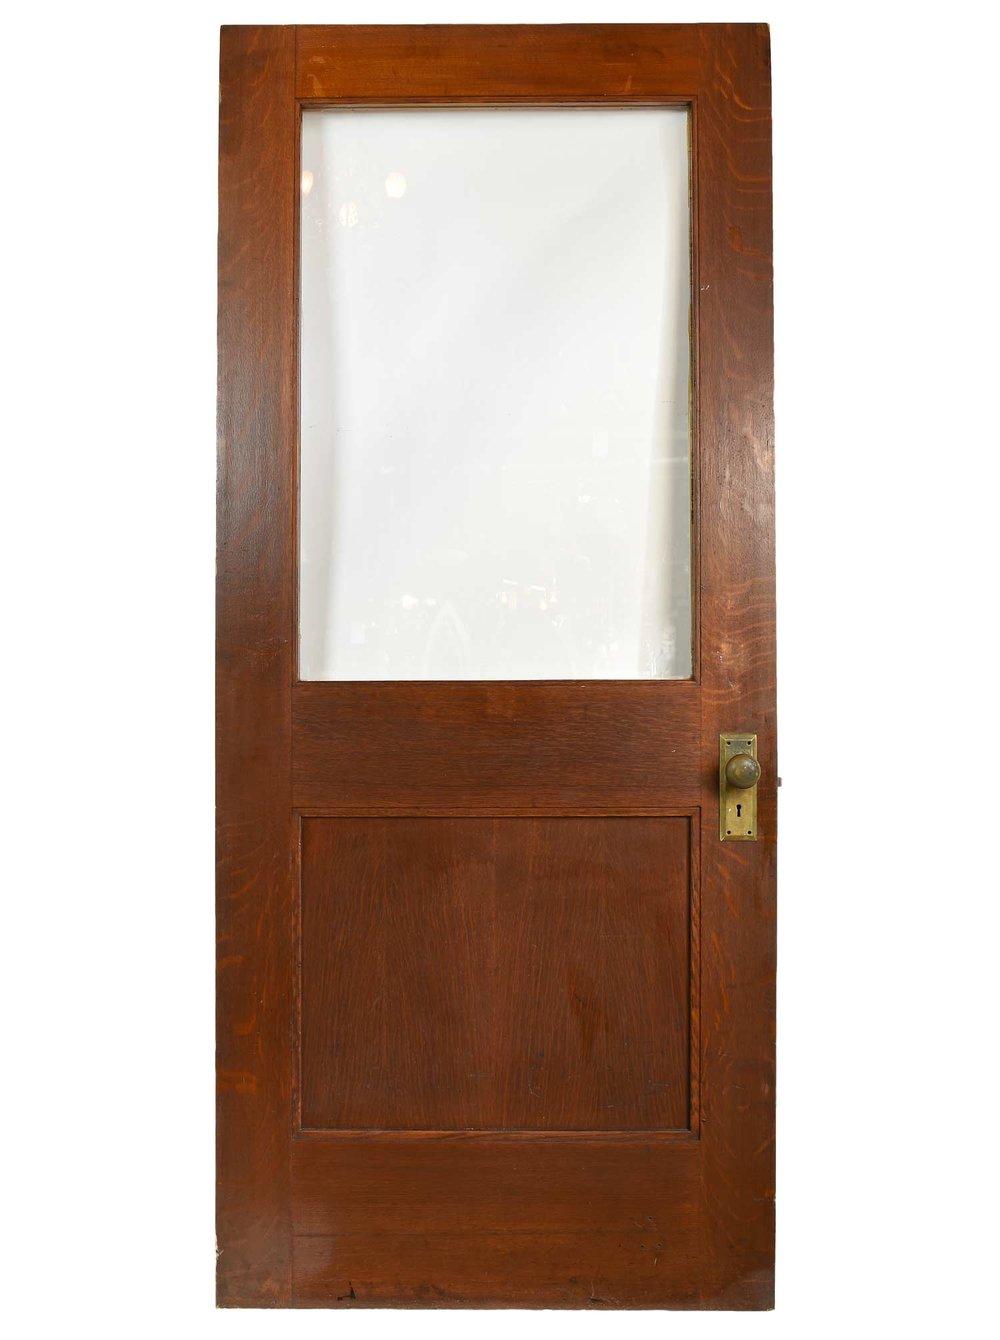 46159-wide-quartersawn-half-view-oak-door.jpg